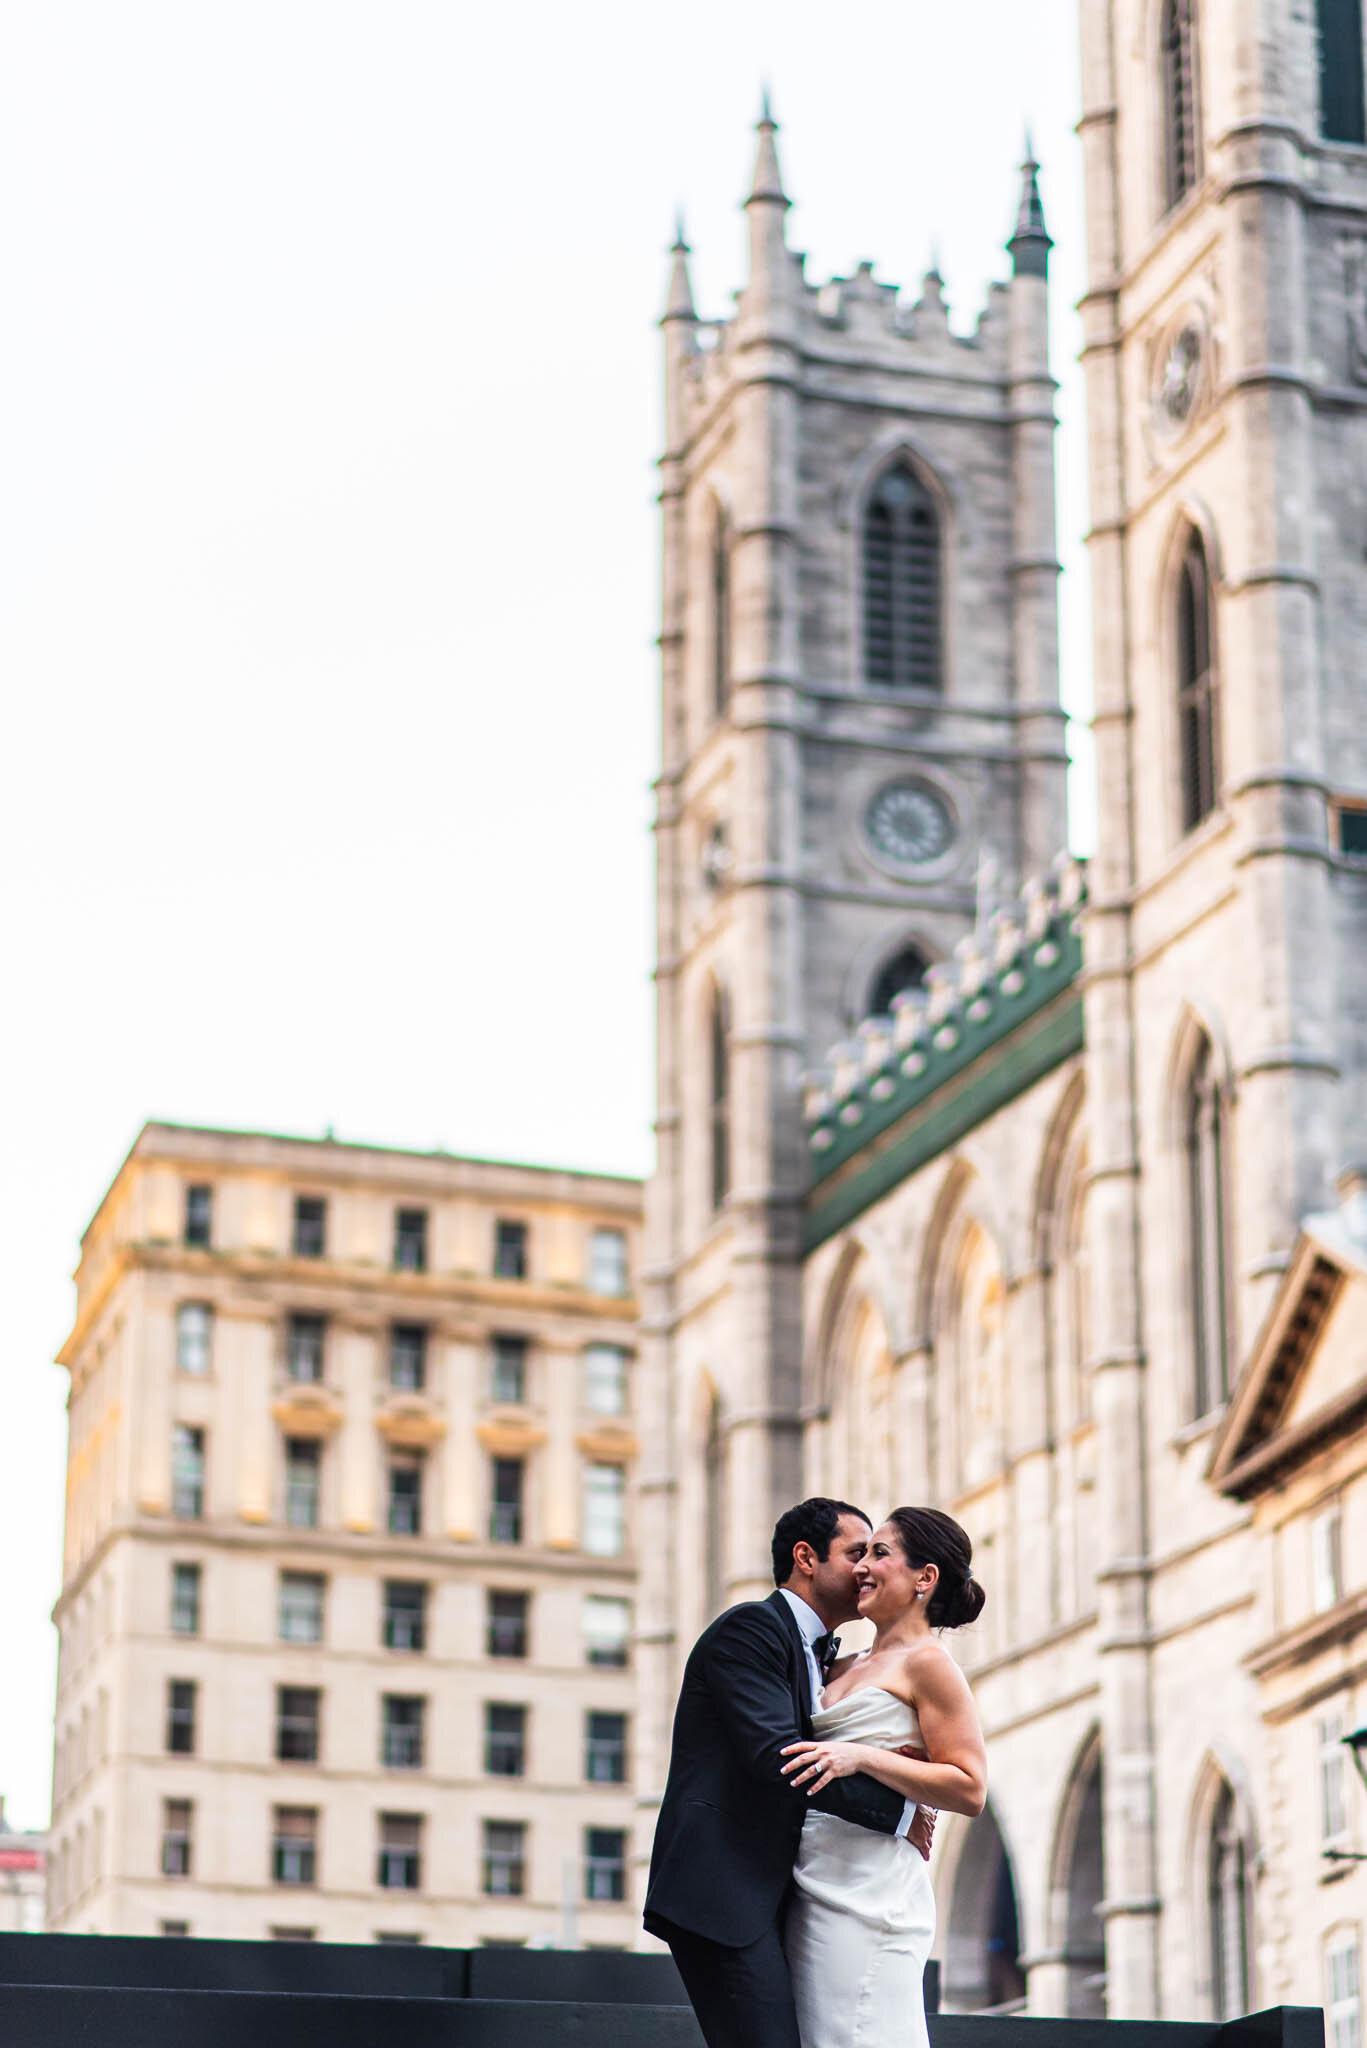 Montreal Wedding Photographer AshleyMacPhee (36 of 49).jpg